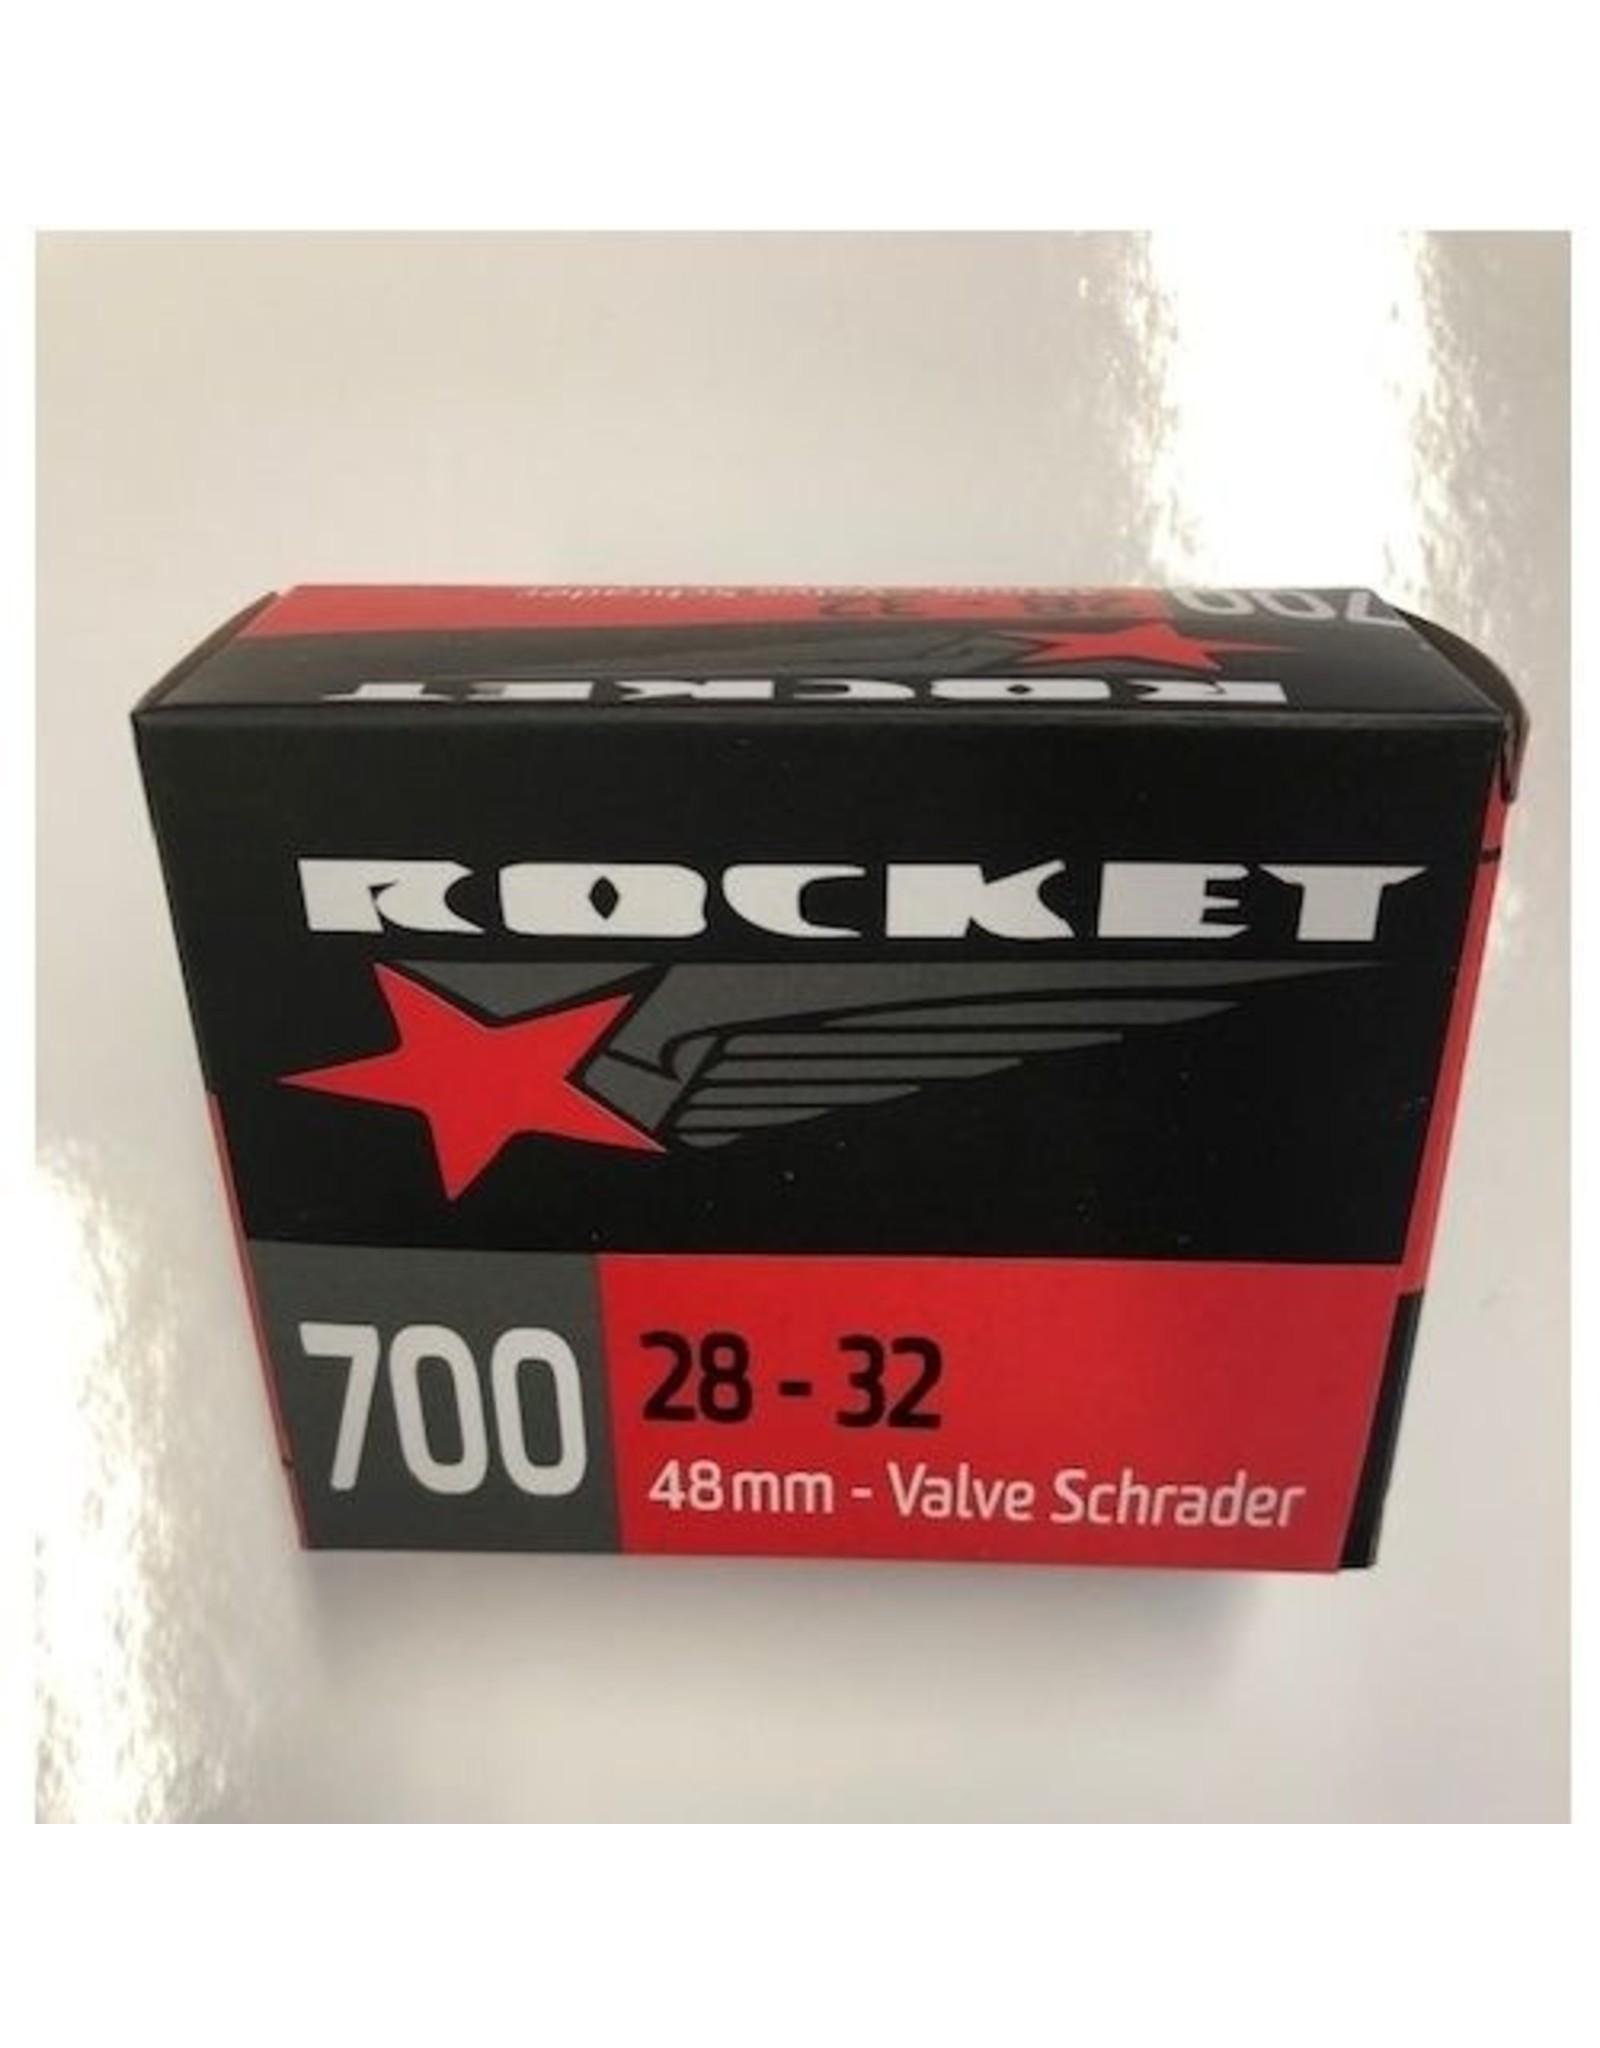 ROCKET 700X28-32 AV